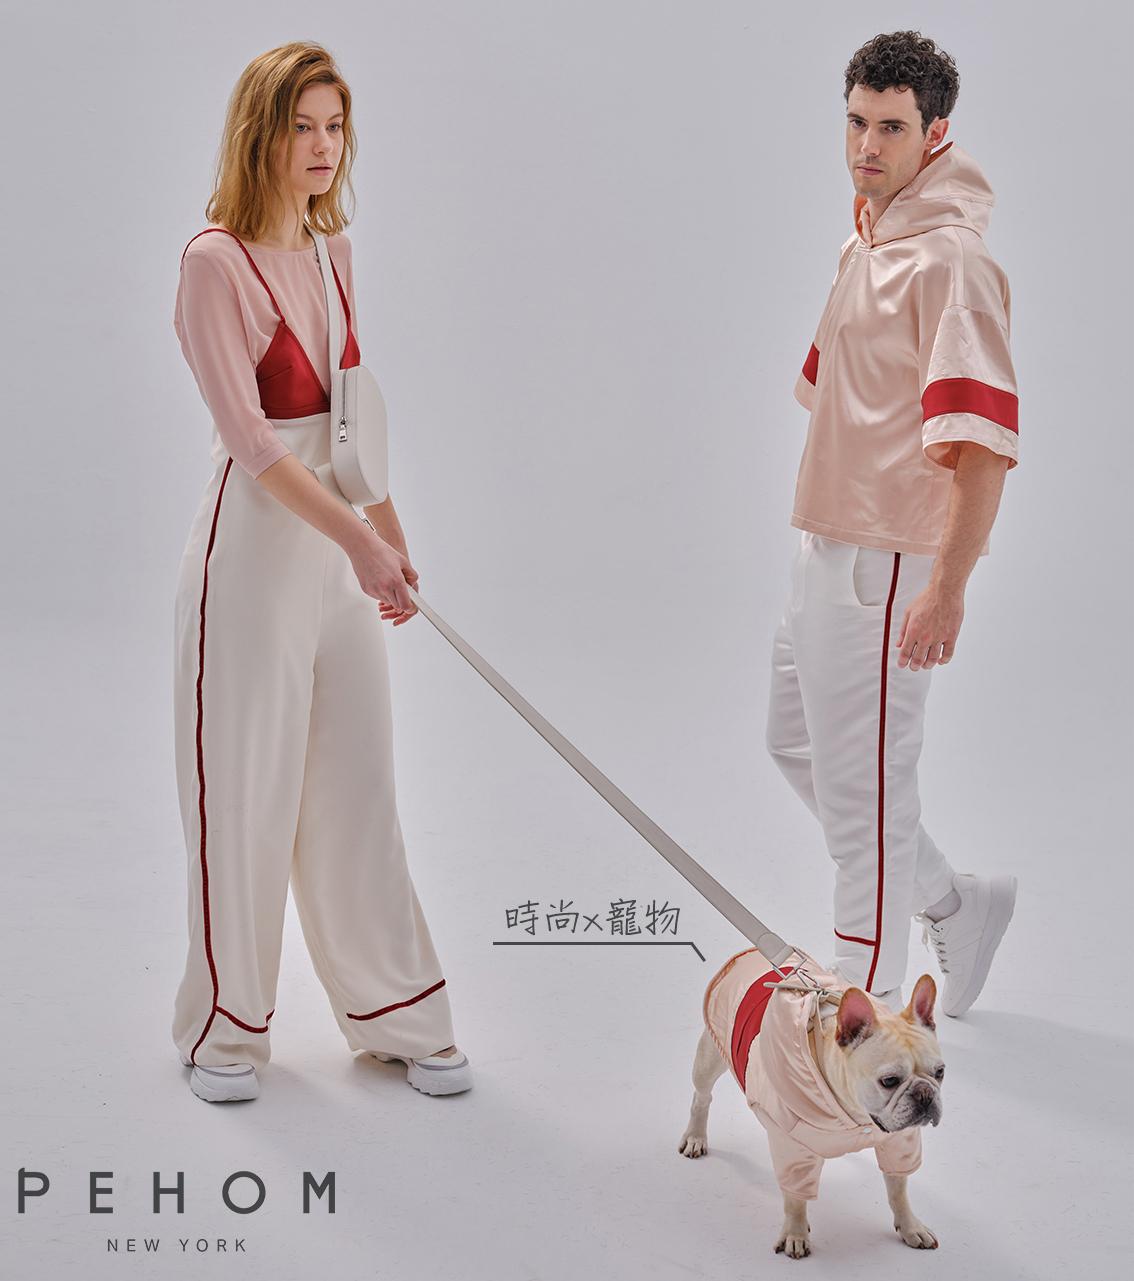 經典時尚 PEHOM 粉红拼口袋運動帽衫 寵物運動衫 寵物運動衣 寵物衣服 狗狗衣服 寵物外出服 寵物衣 美國品牌